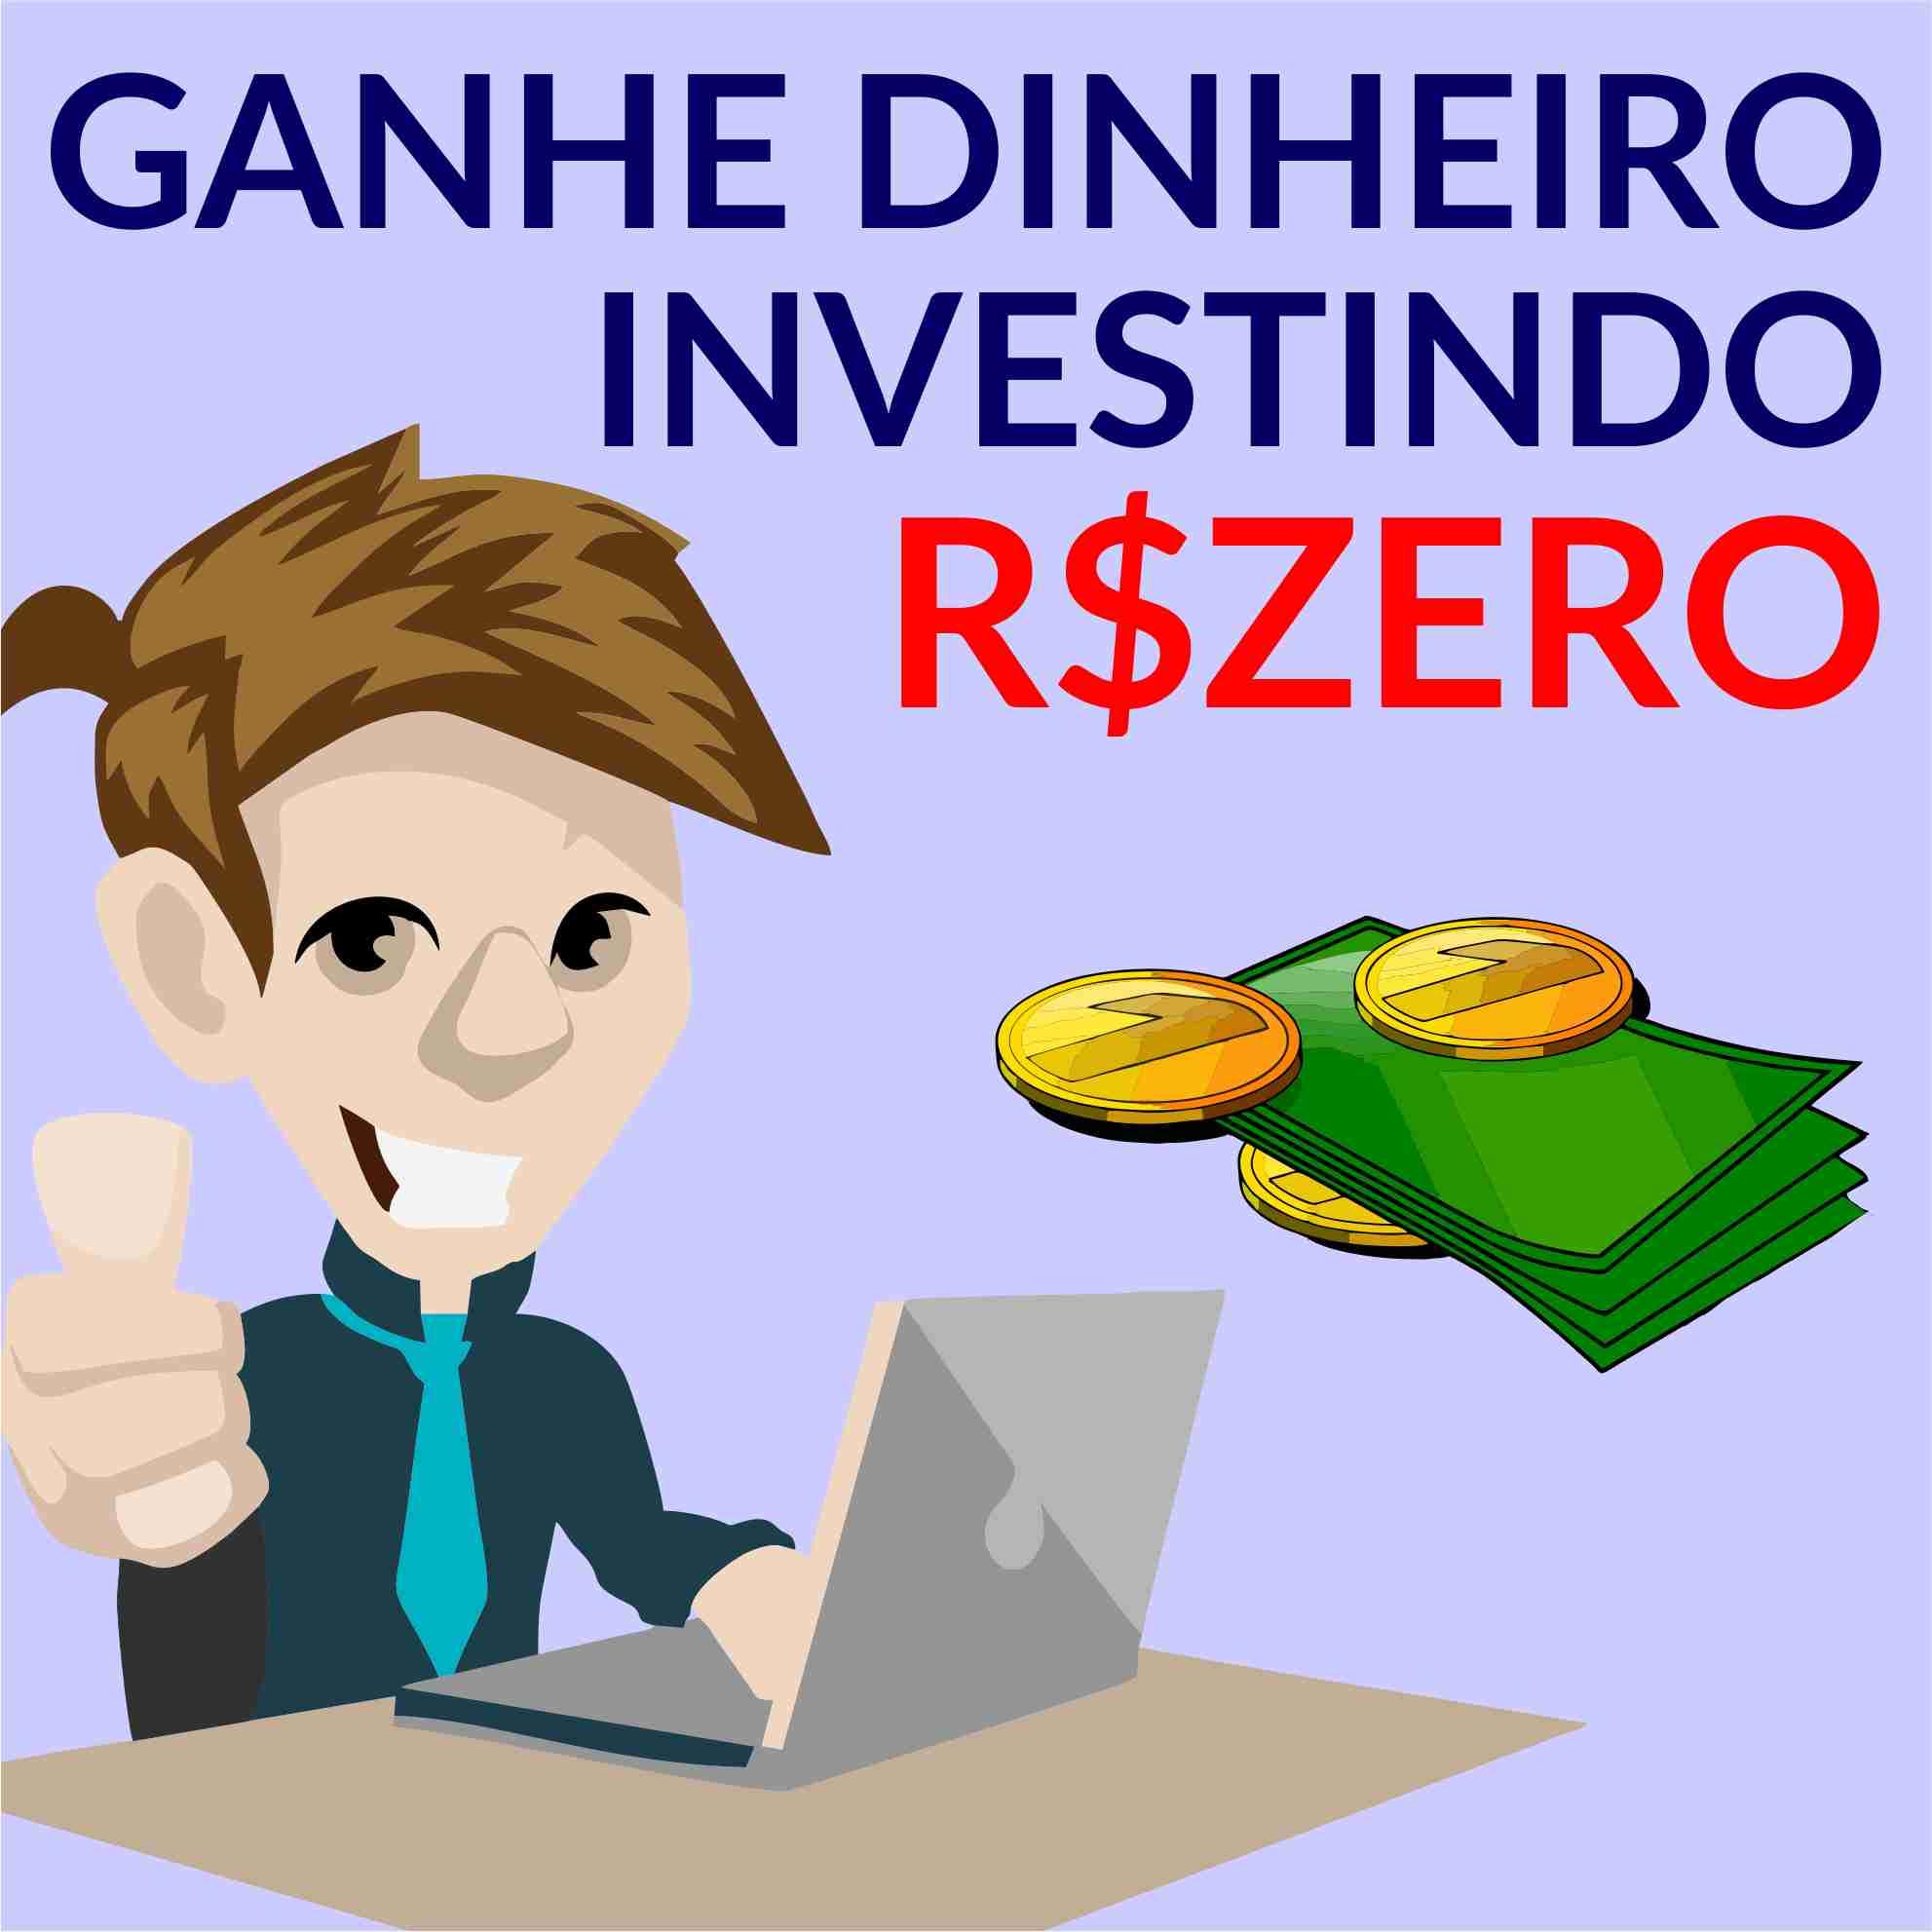 Ganhe dinheiro investindo R$ZERO